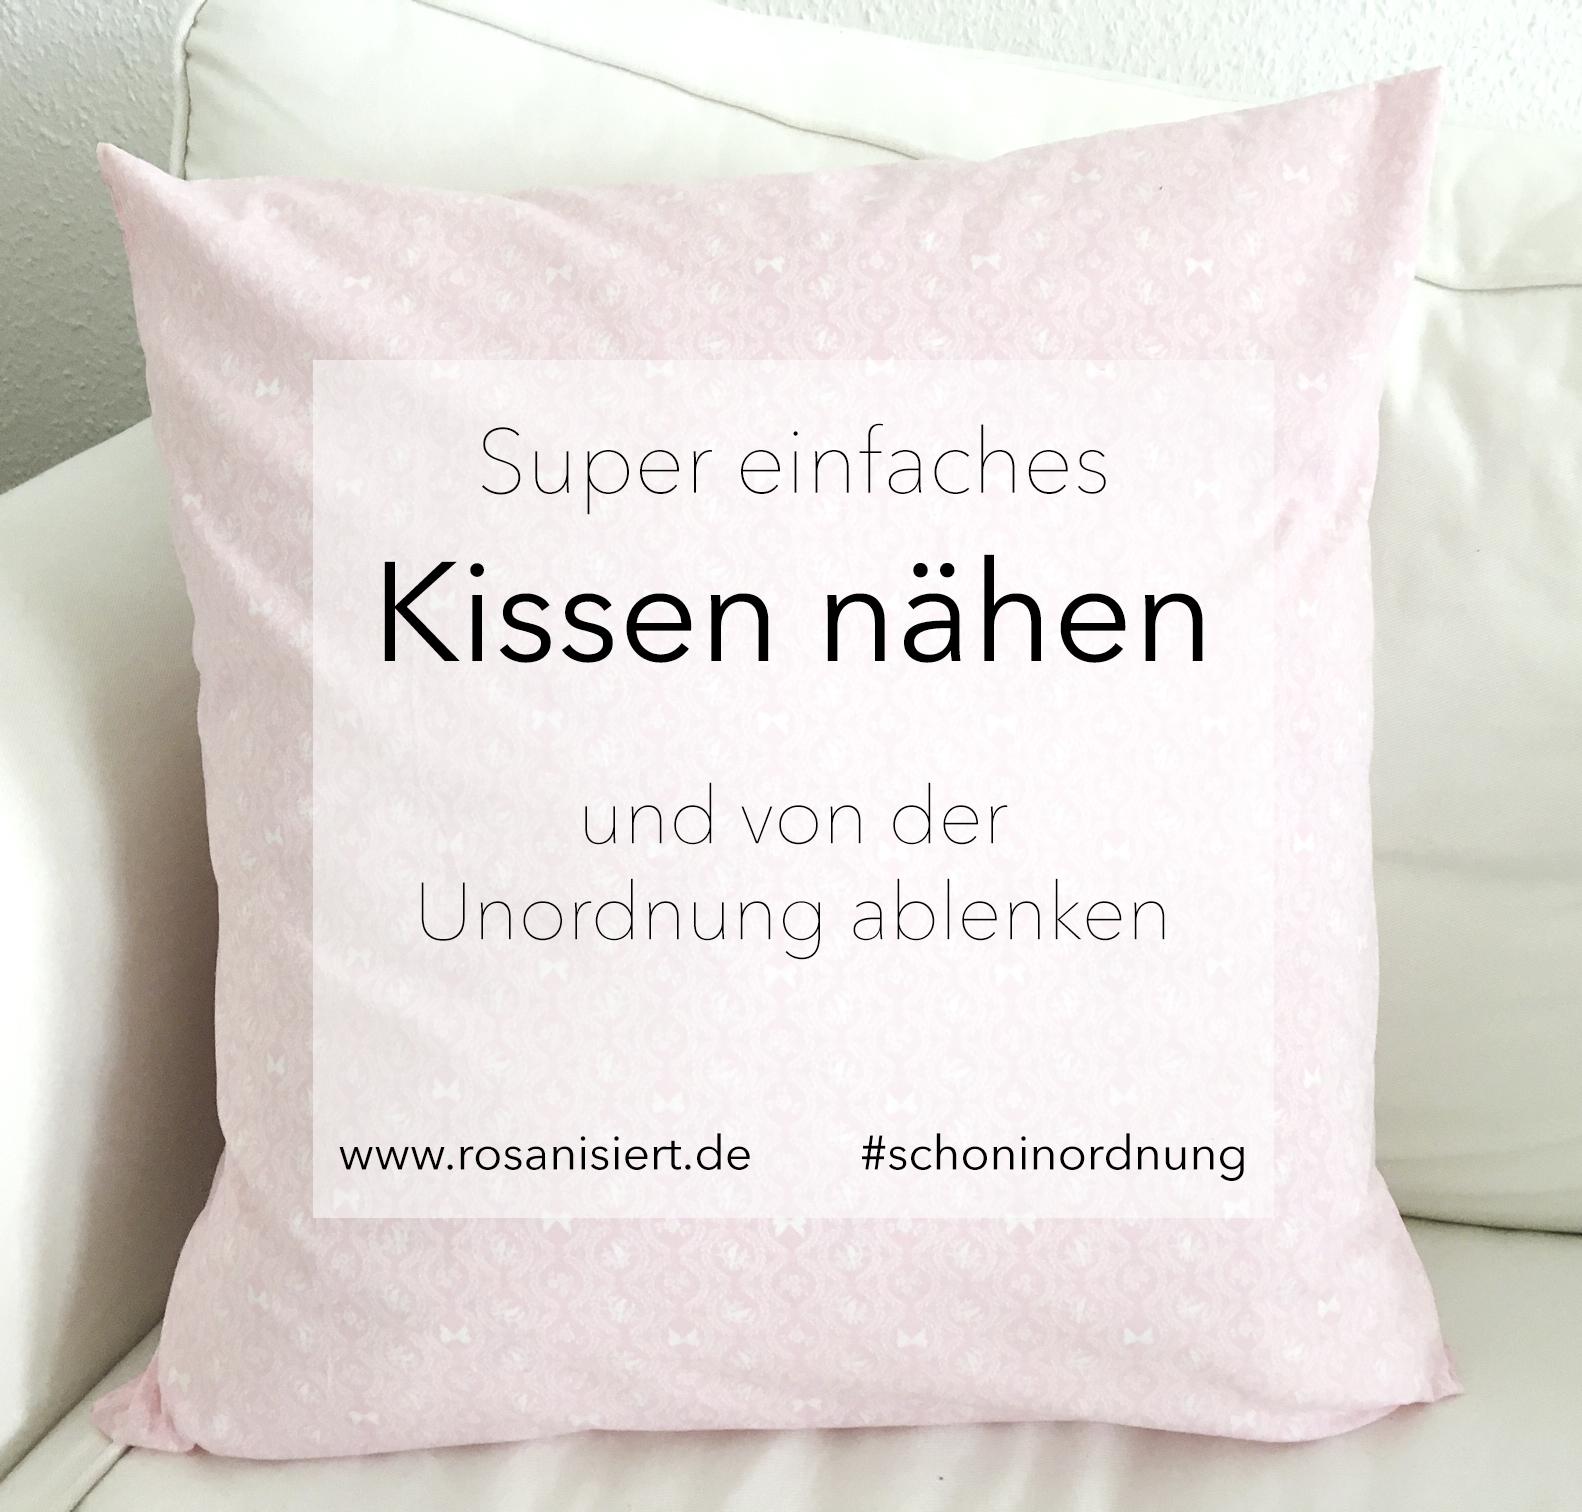 super einfaches kissen n hen und von der unordnung ablenken rosanisiert. Black Bedroom Furniture Sets. Home Design Ideas